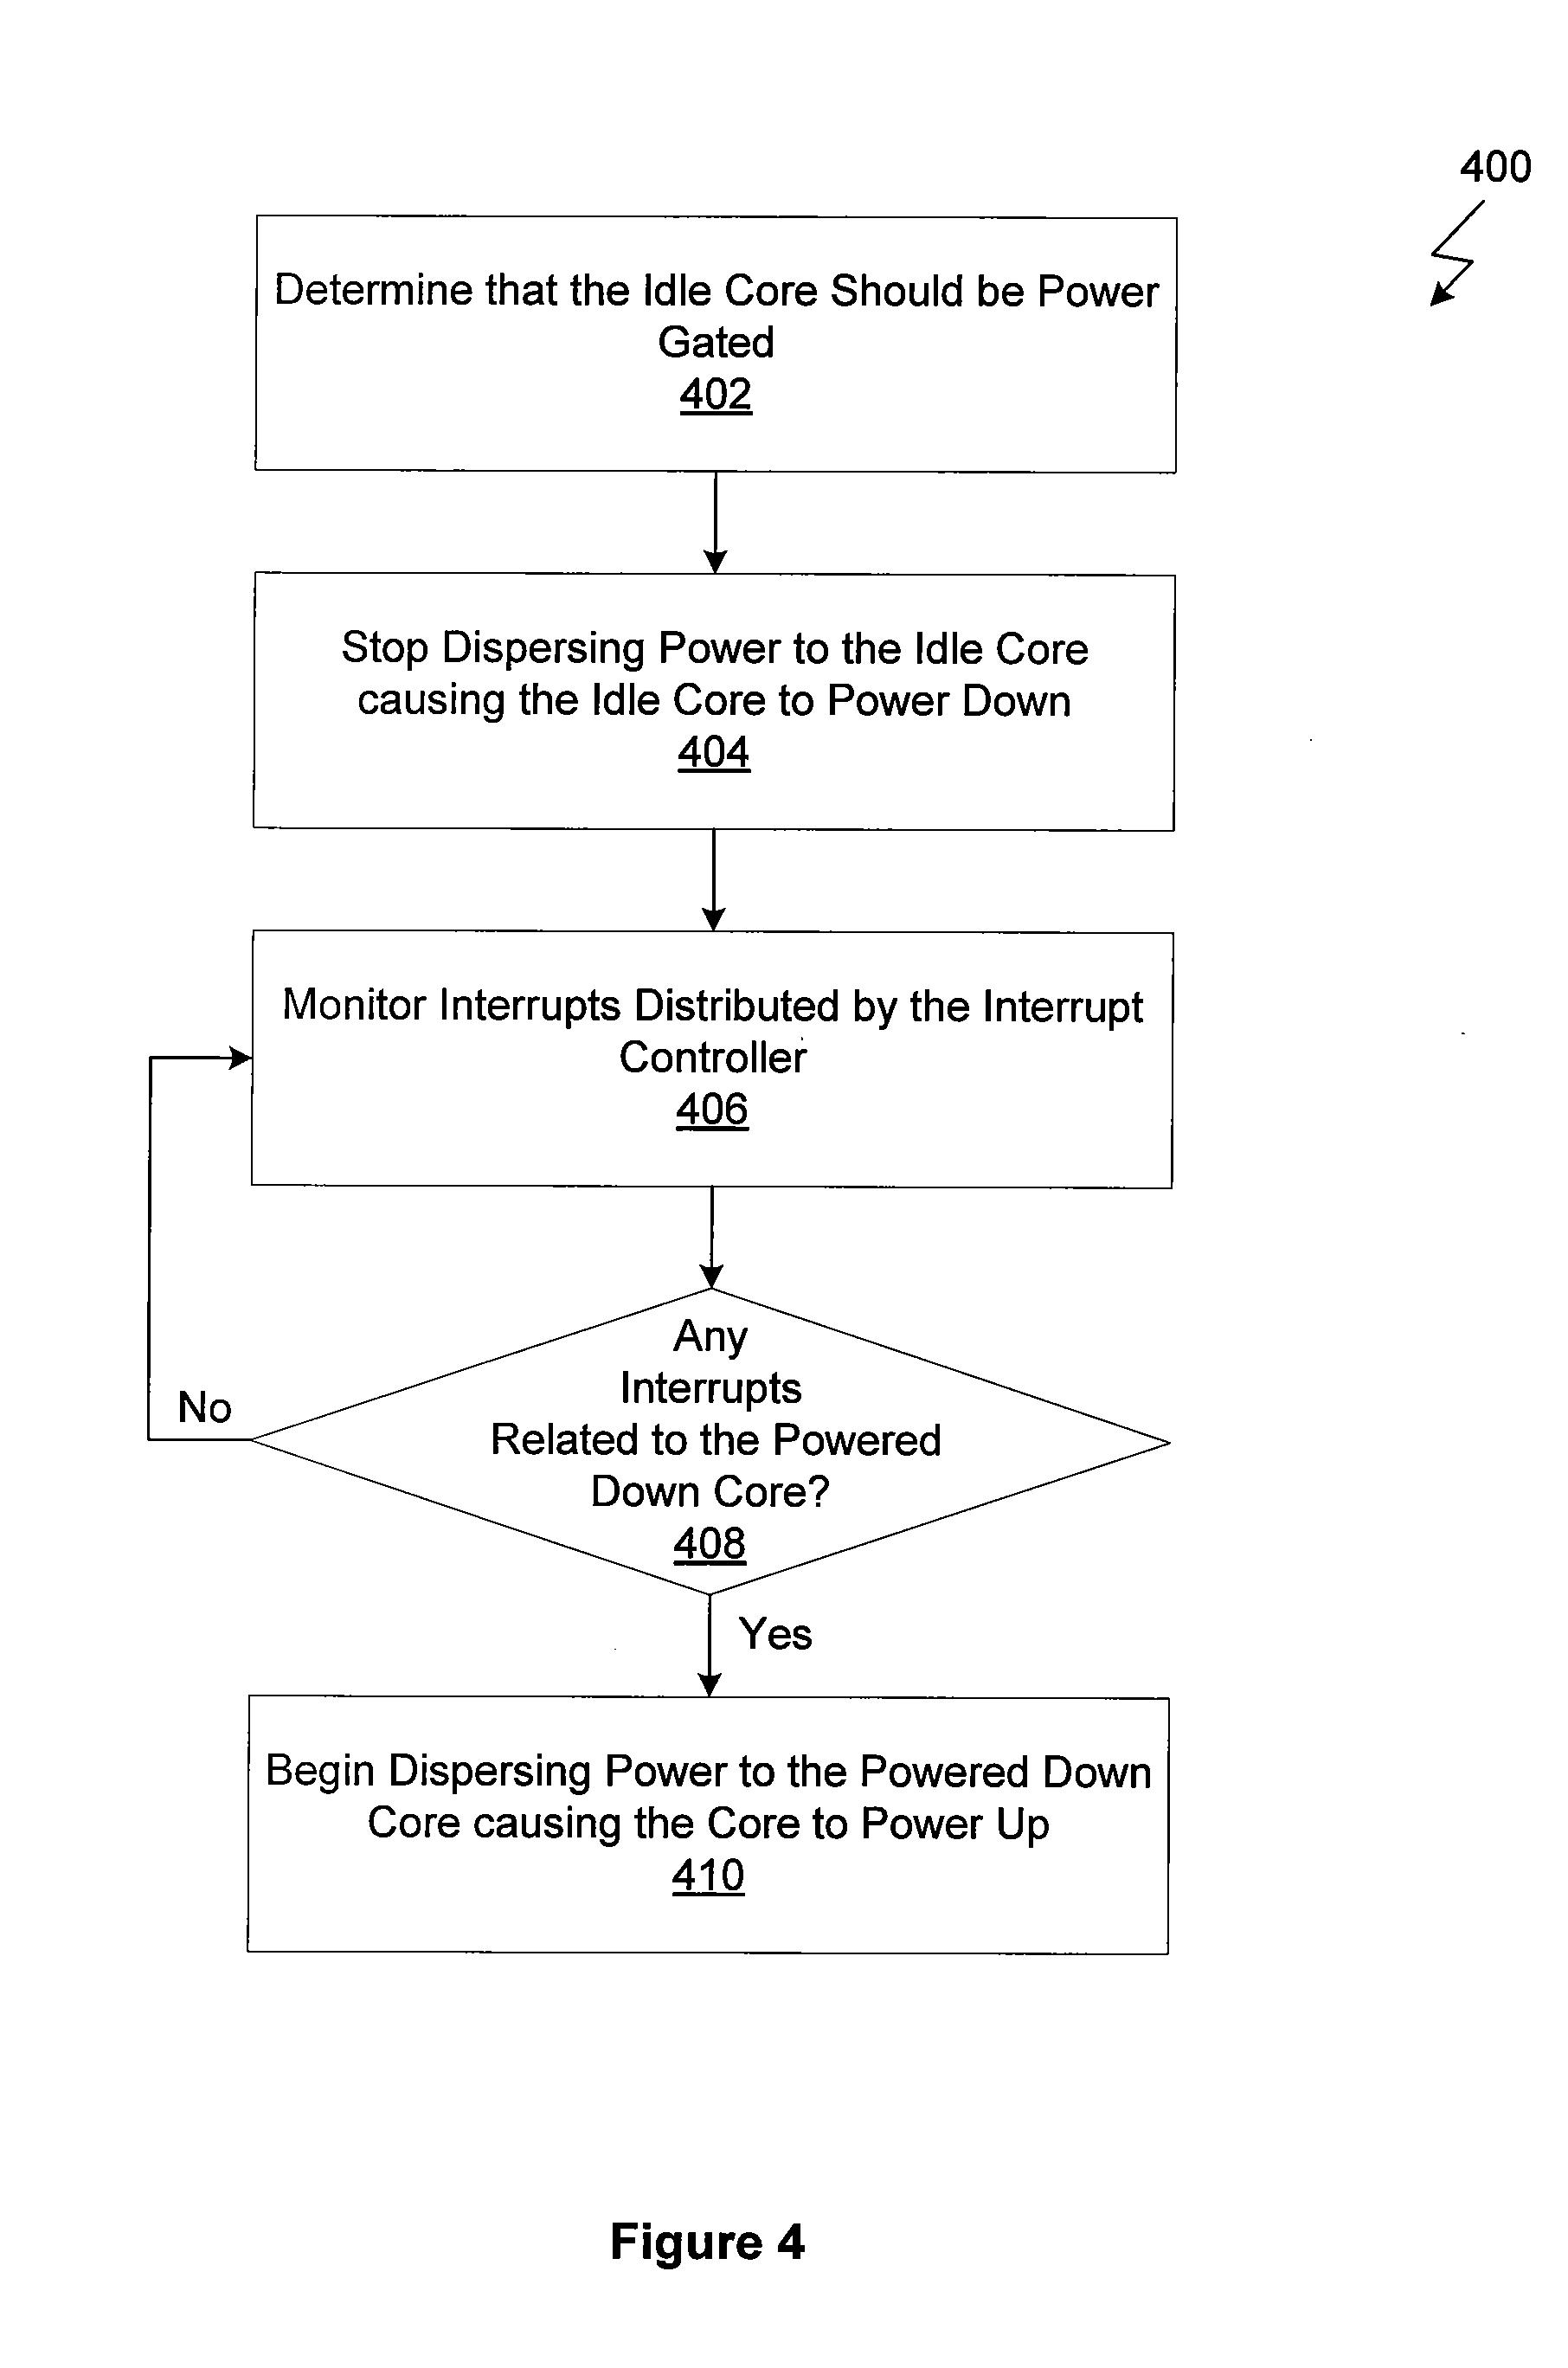 براءة الاختراع US20130198549 - Autonomous power-gating during idle